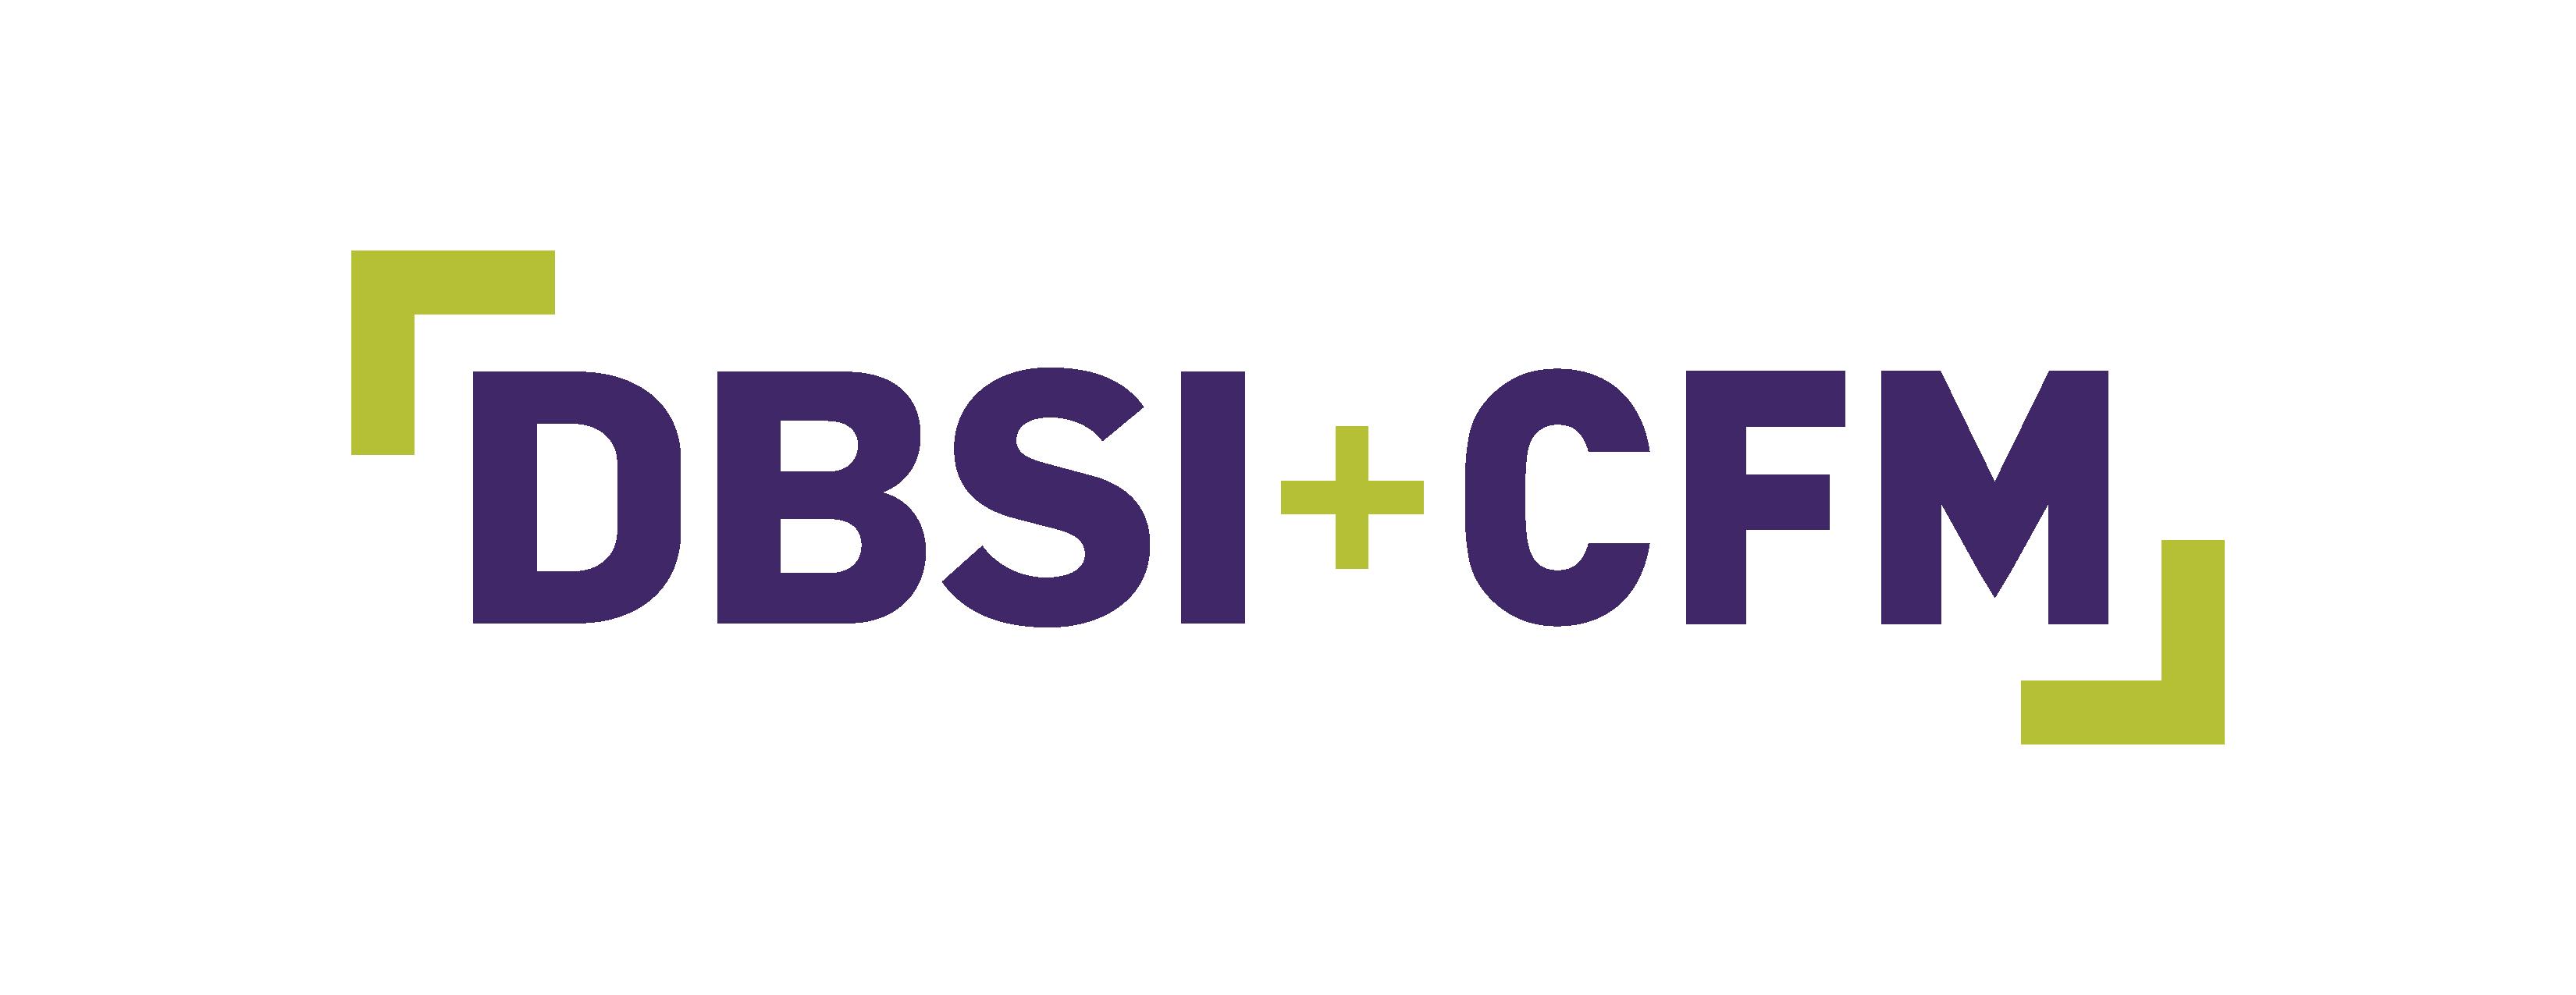 dbsi_cfm-logo-2019-dark